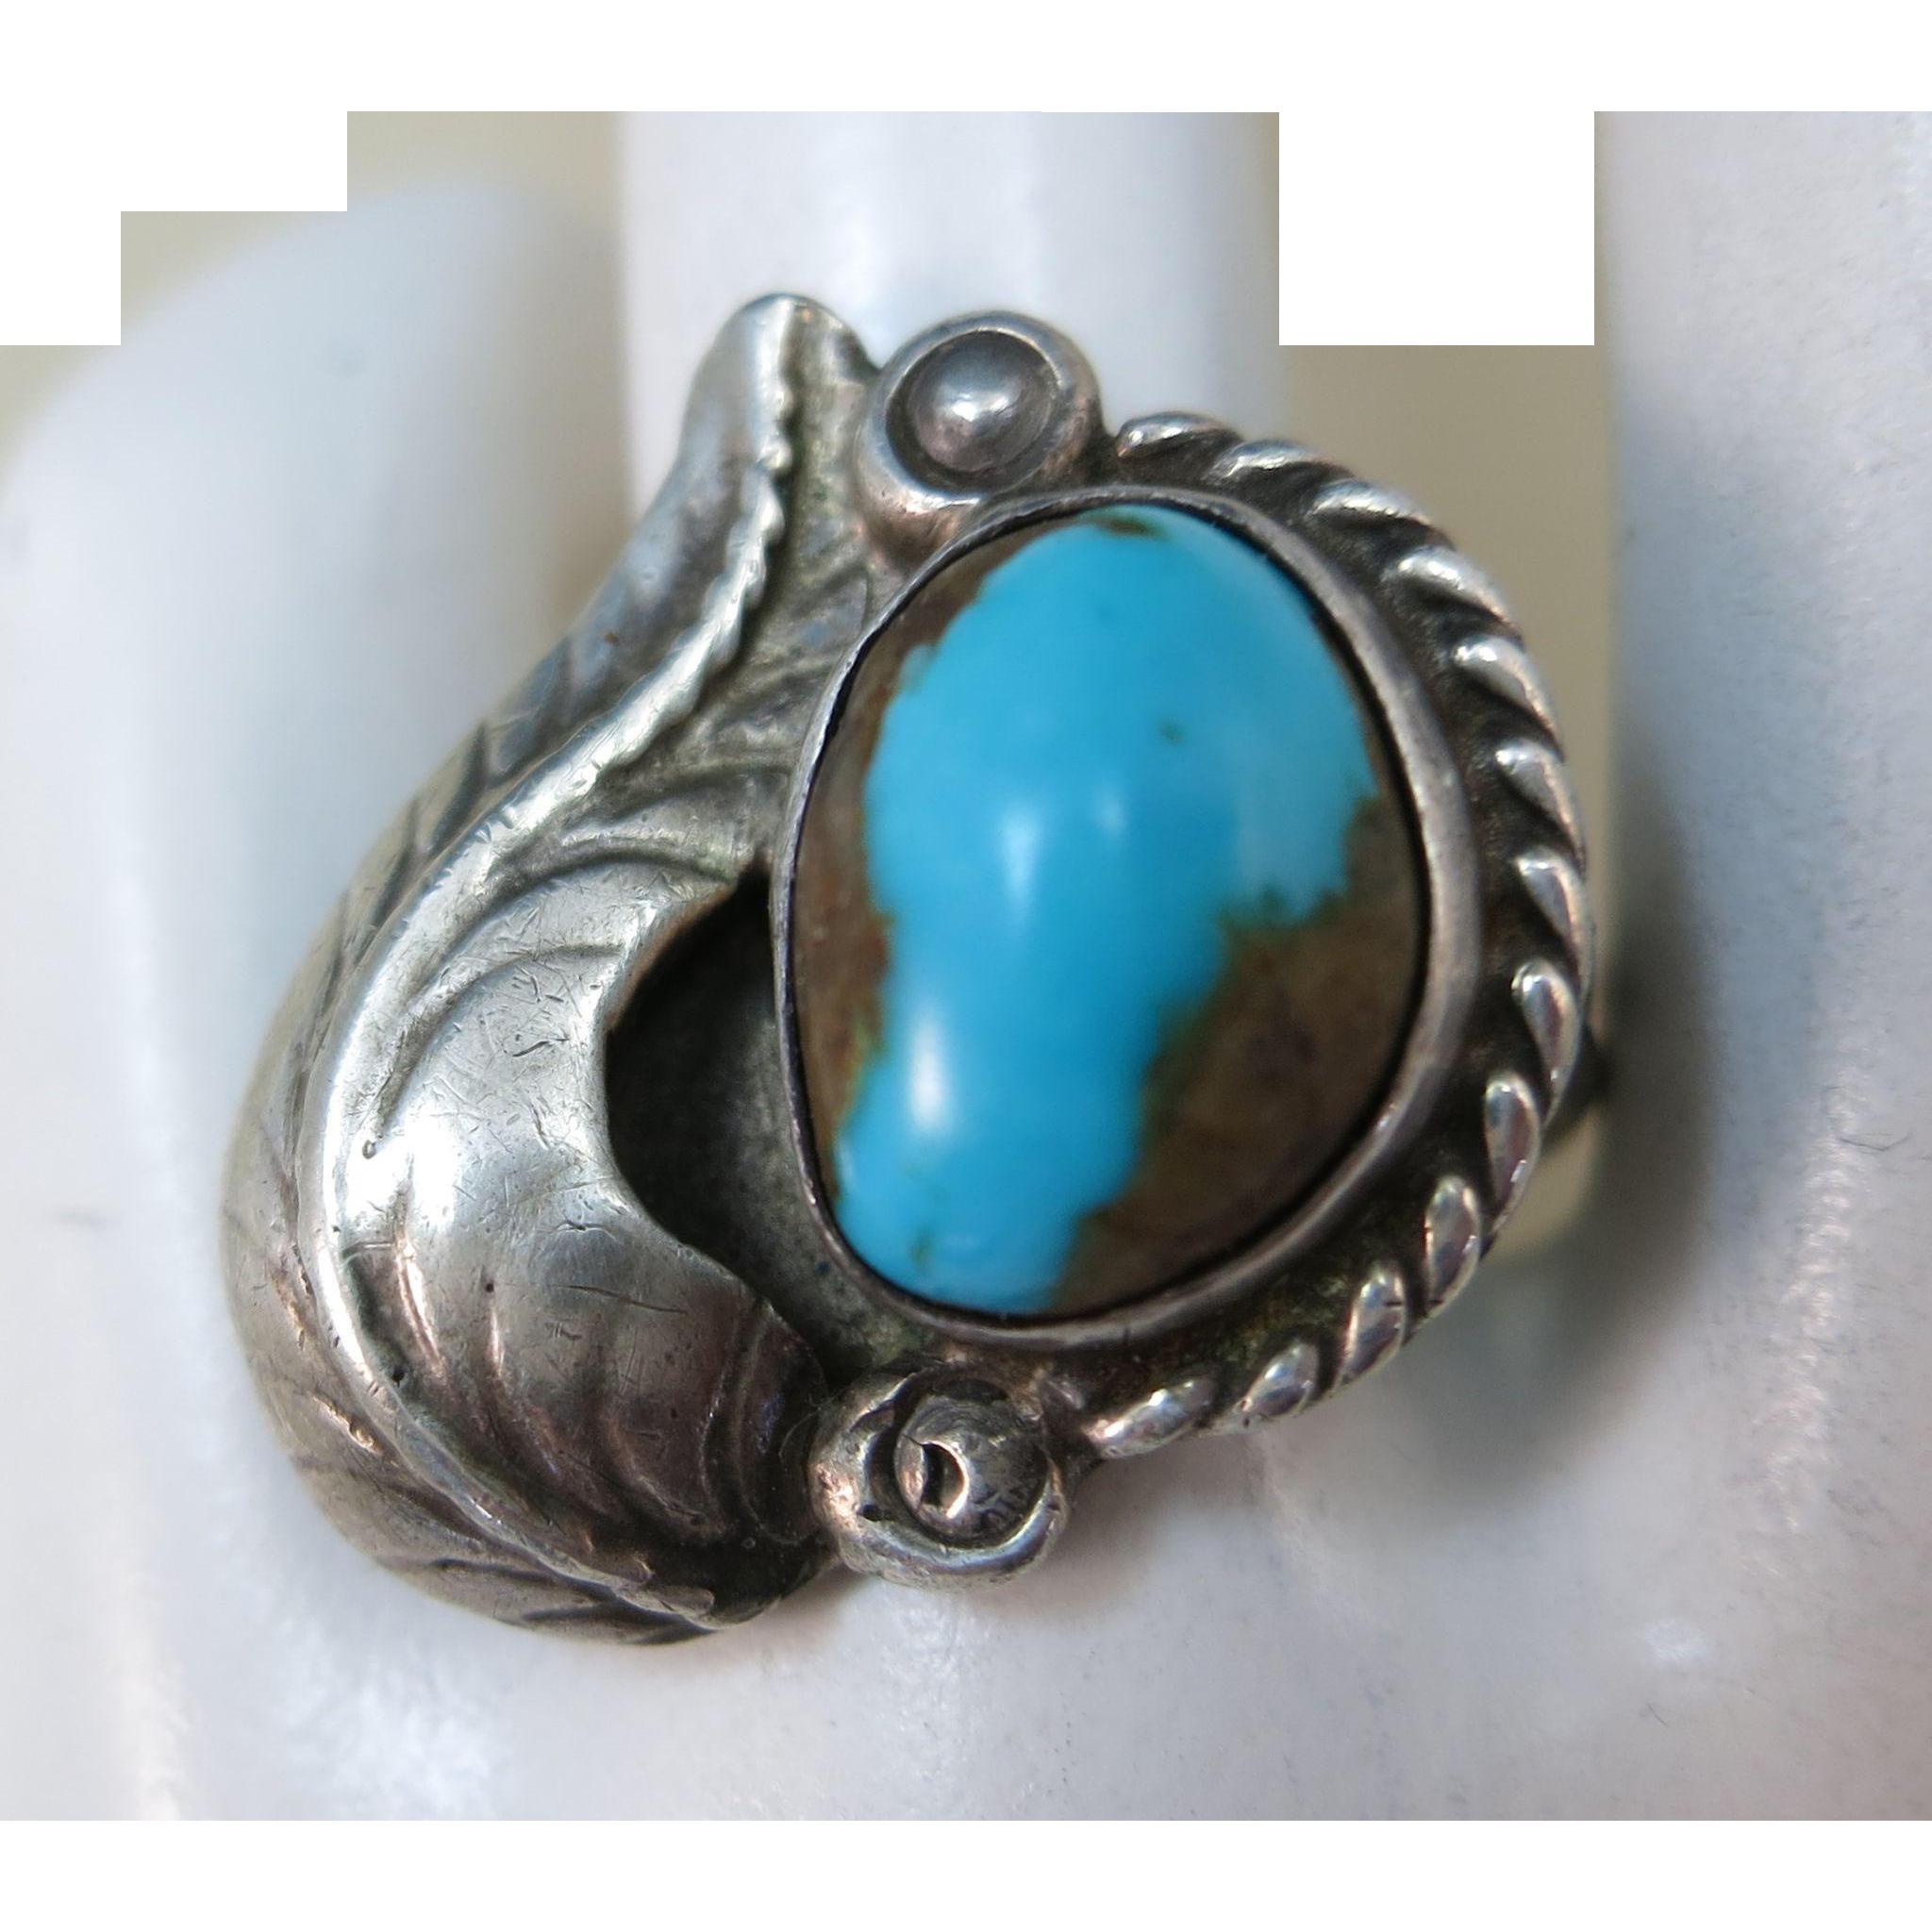 VINTAGE Older Sterling Turquoise Ring  Size  6 1/2